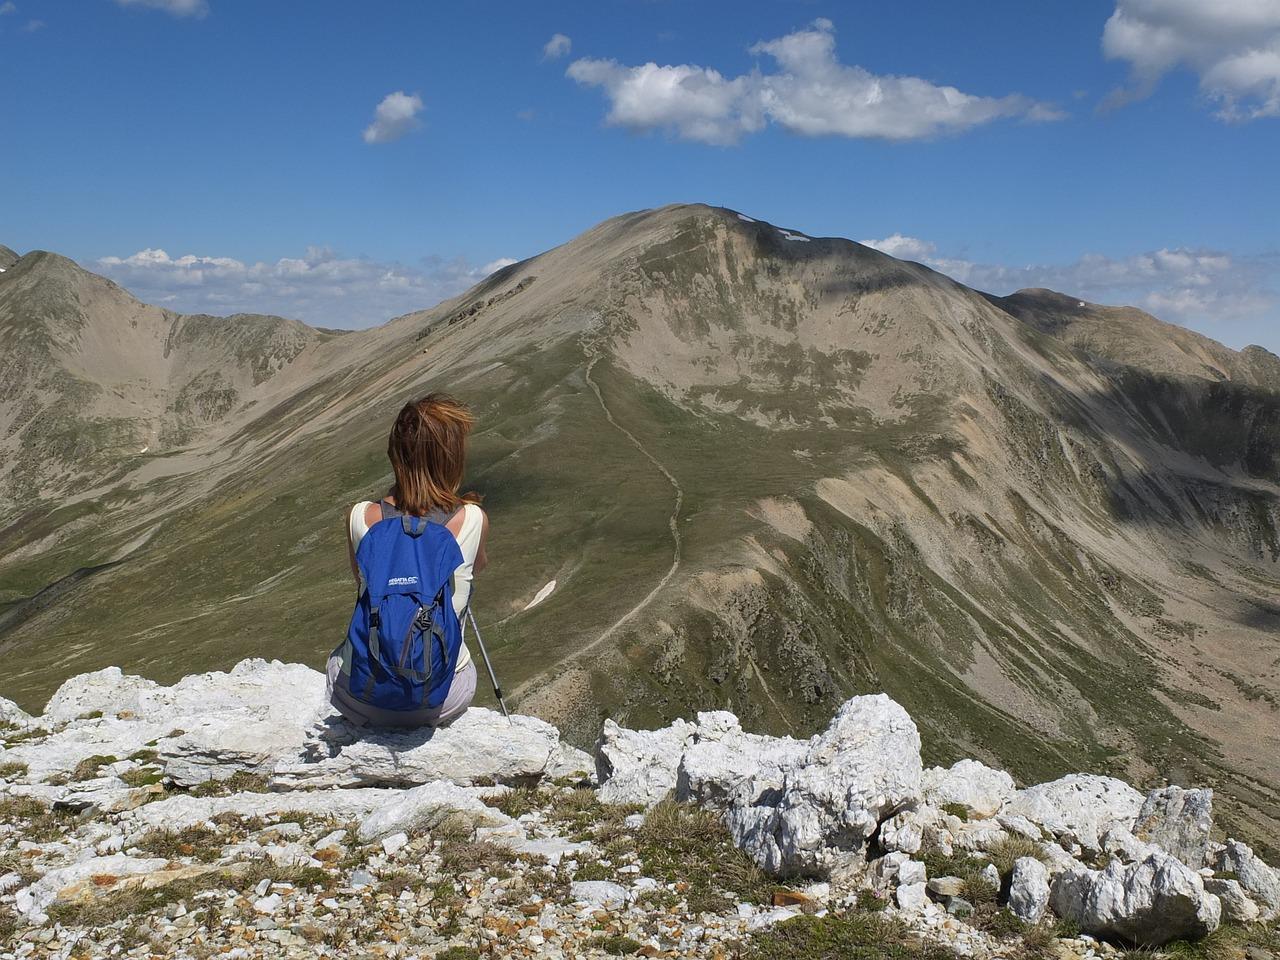 いざ初めての女子ひとり登山へ!注意点や確認しておくことをまとめました